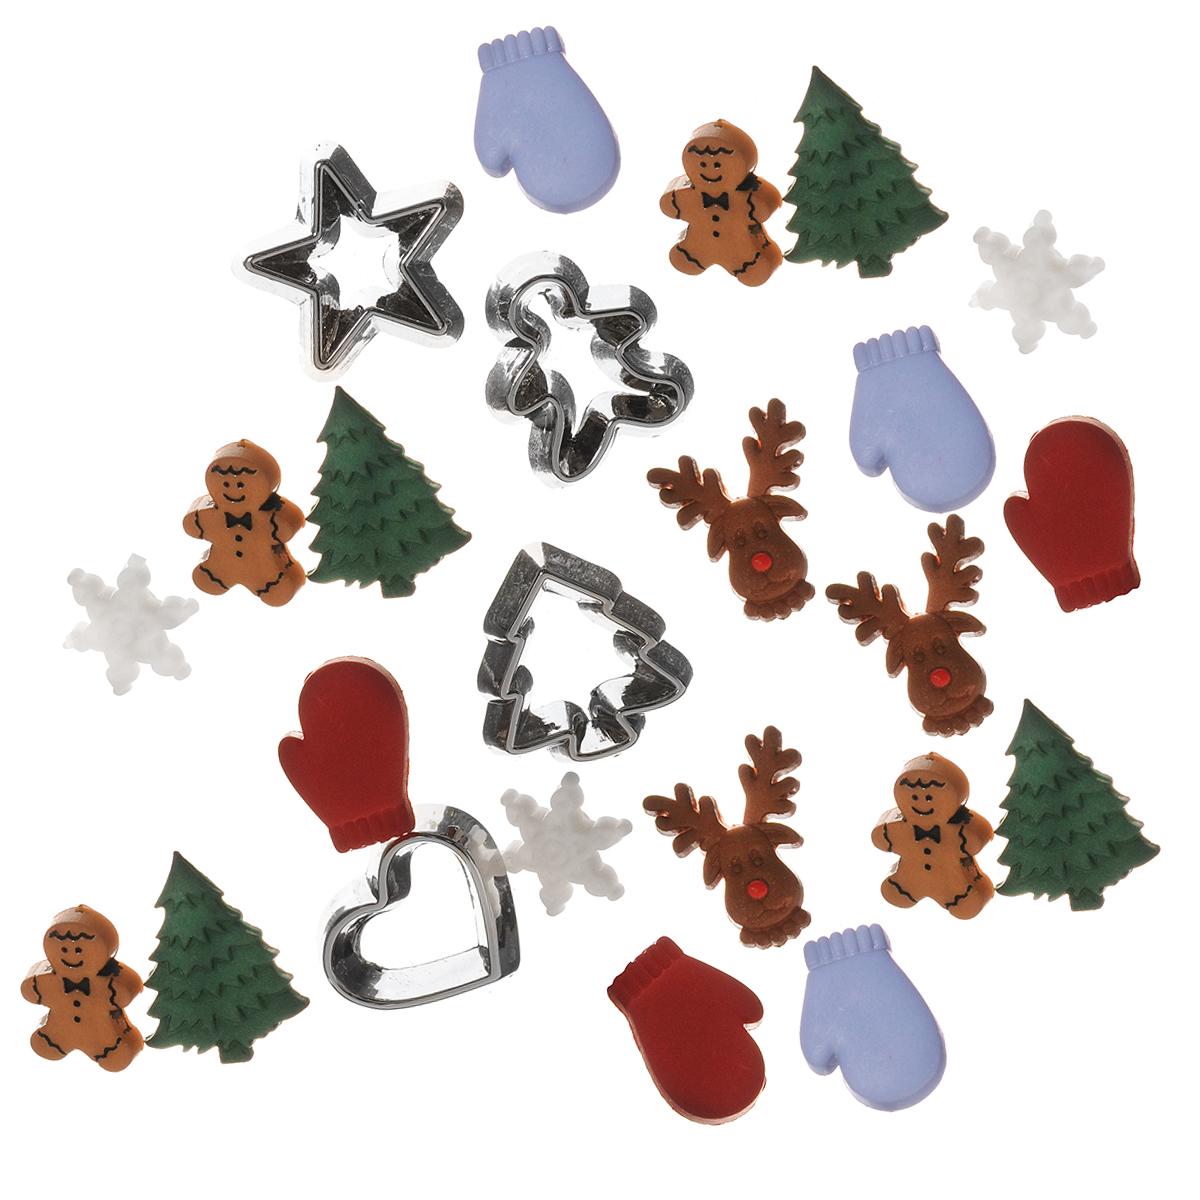 Набор пуговиц и фигурок Dress It Up Кусочки дерева, 20 шт. 77024687702468Набор Dress It Up Кусочки дерева состоит из 20 декоративных пуговиц и фигурок, выполненных из пластика. Такие пуговицы и фигурки подходят для любых видов творчества: скрапбукинга, декорирования, шитья, изготовления кукол, а также для оформления одежды. С их помощью вы сможете украсить открытку, фотографию, альбом, подарок и другие предметы ручной работы. Пуговицы и фигурки разных цветов имеют оригинальный и яркий дизайн.